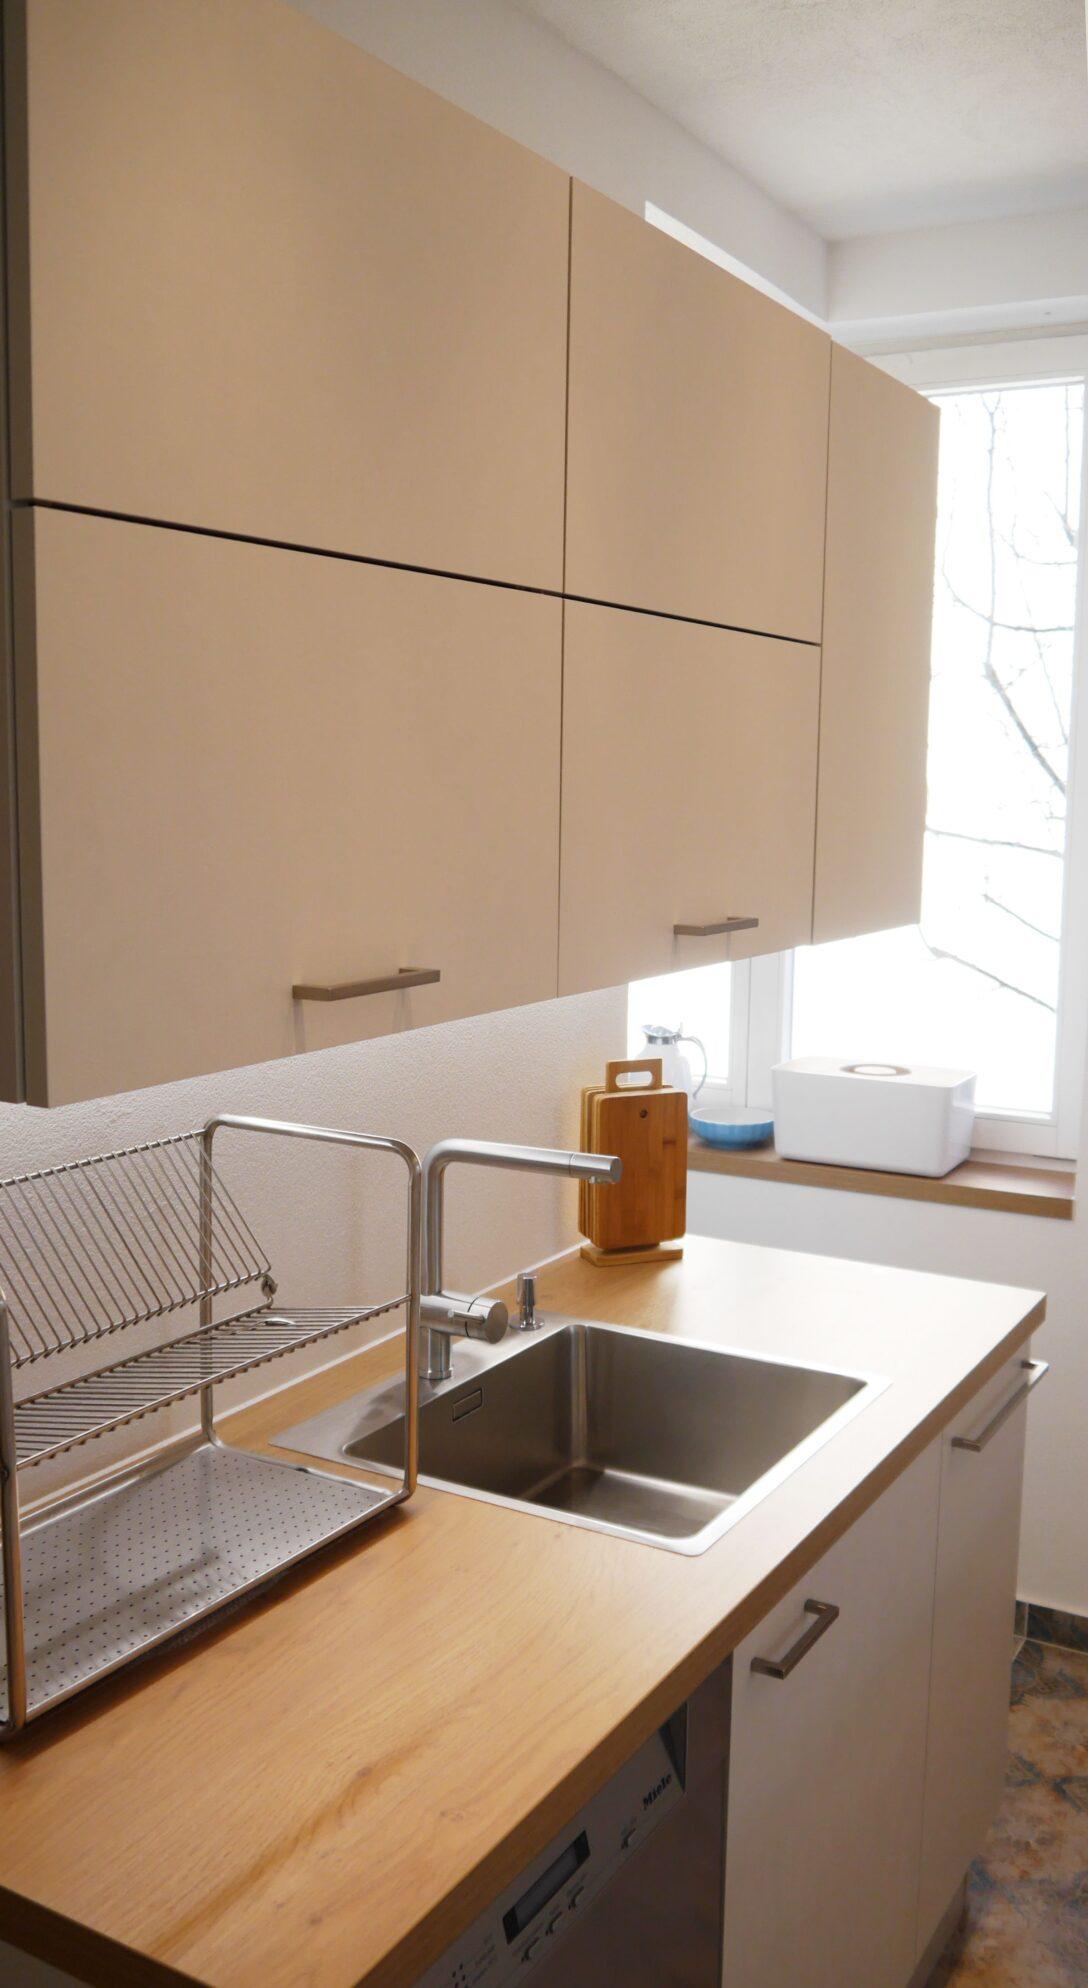 Large Size of Hängeregal Kücheninsel Splenschrank Mit Hngeregal Innenarchitektur Küche Wohnzimmer Hängeregal Kücheninsel